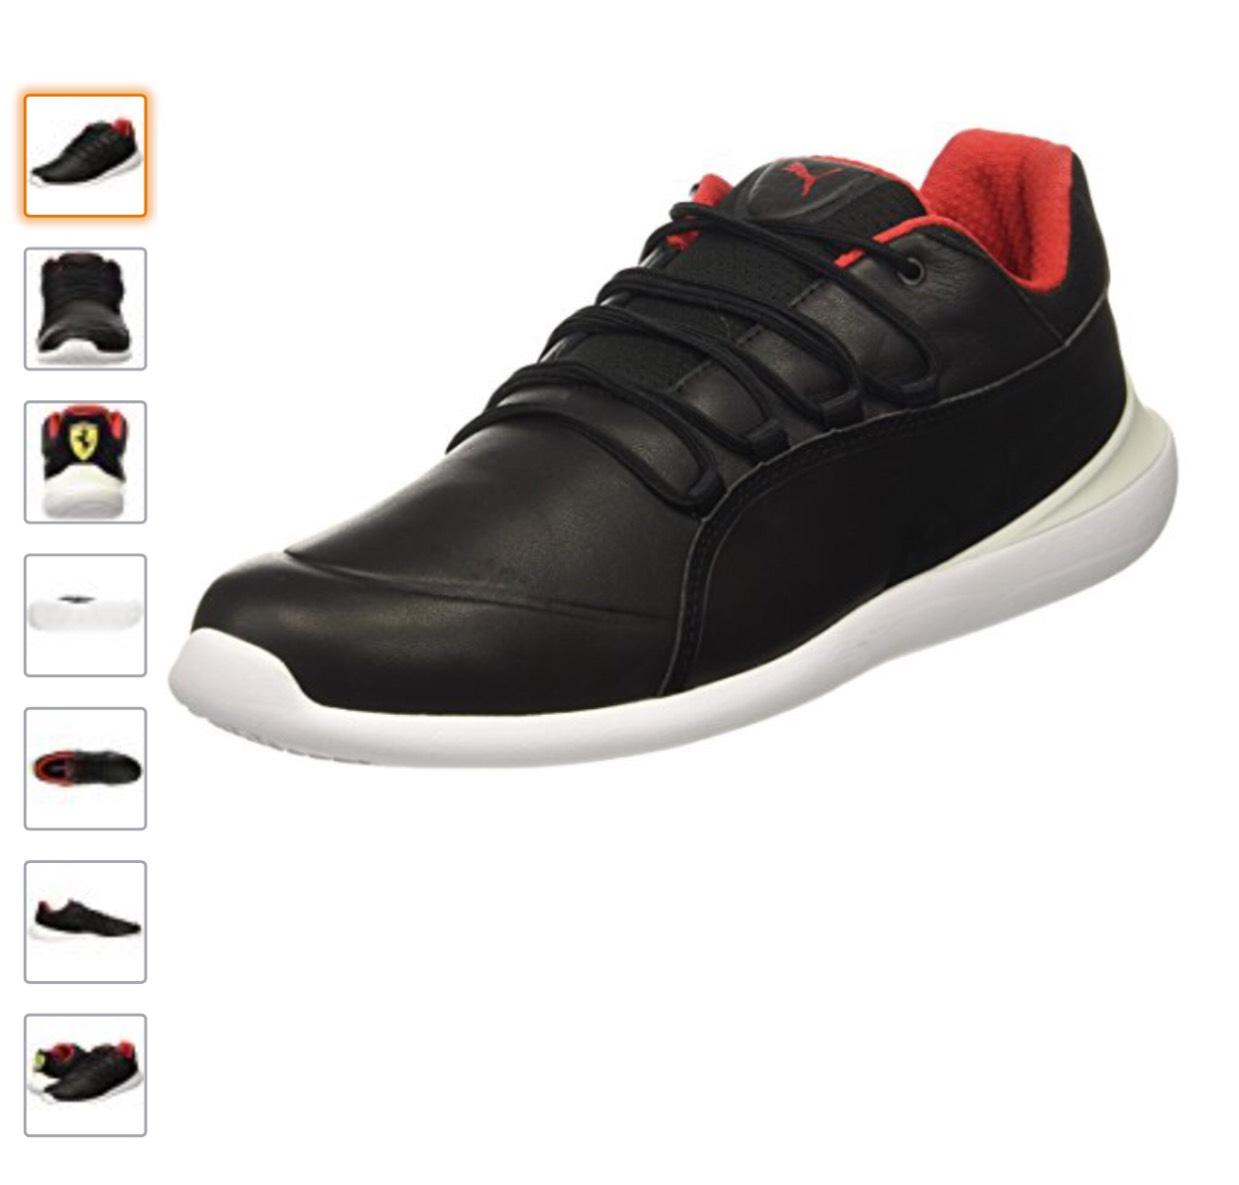 Amazon: Tenis PUMA Men's SF Evo Cat Sneaker talla 13 Us Desde $595